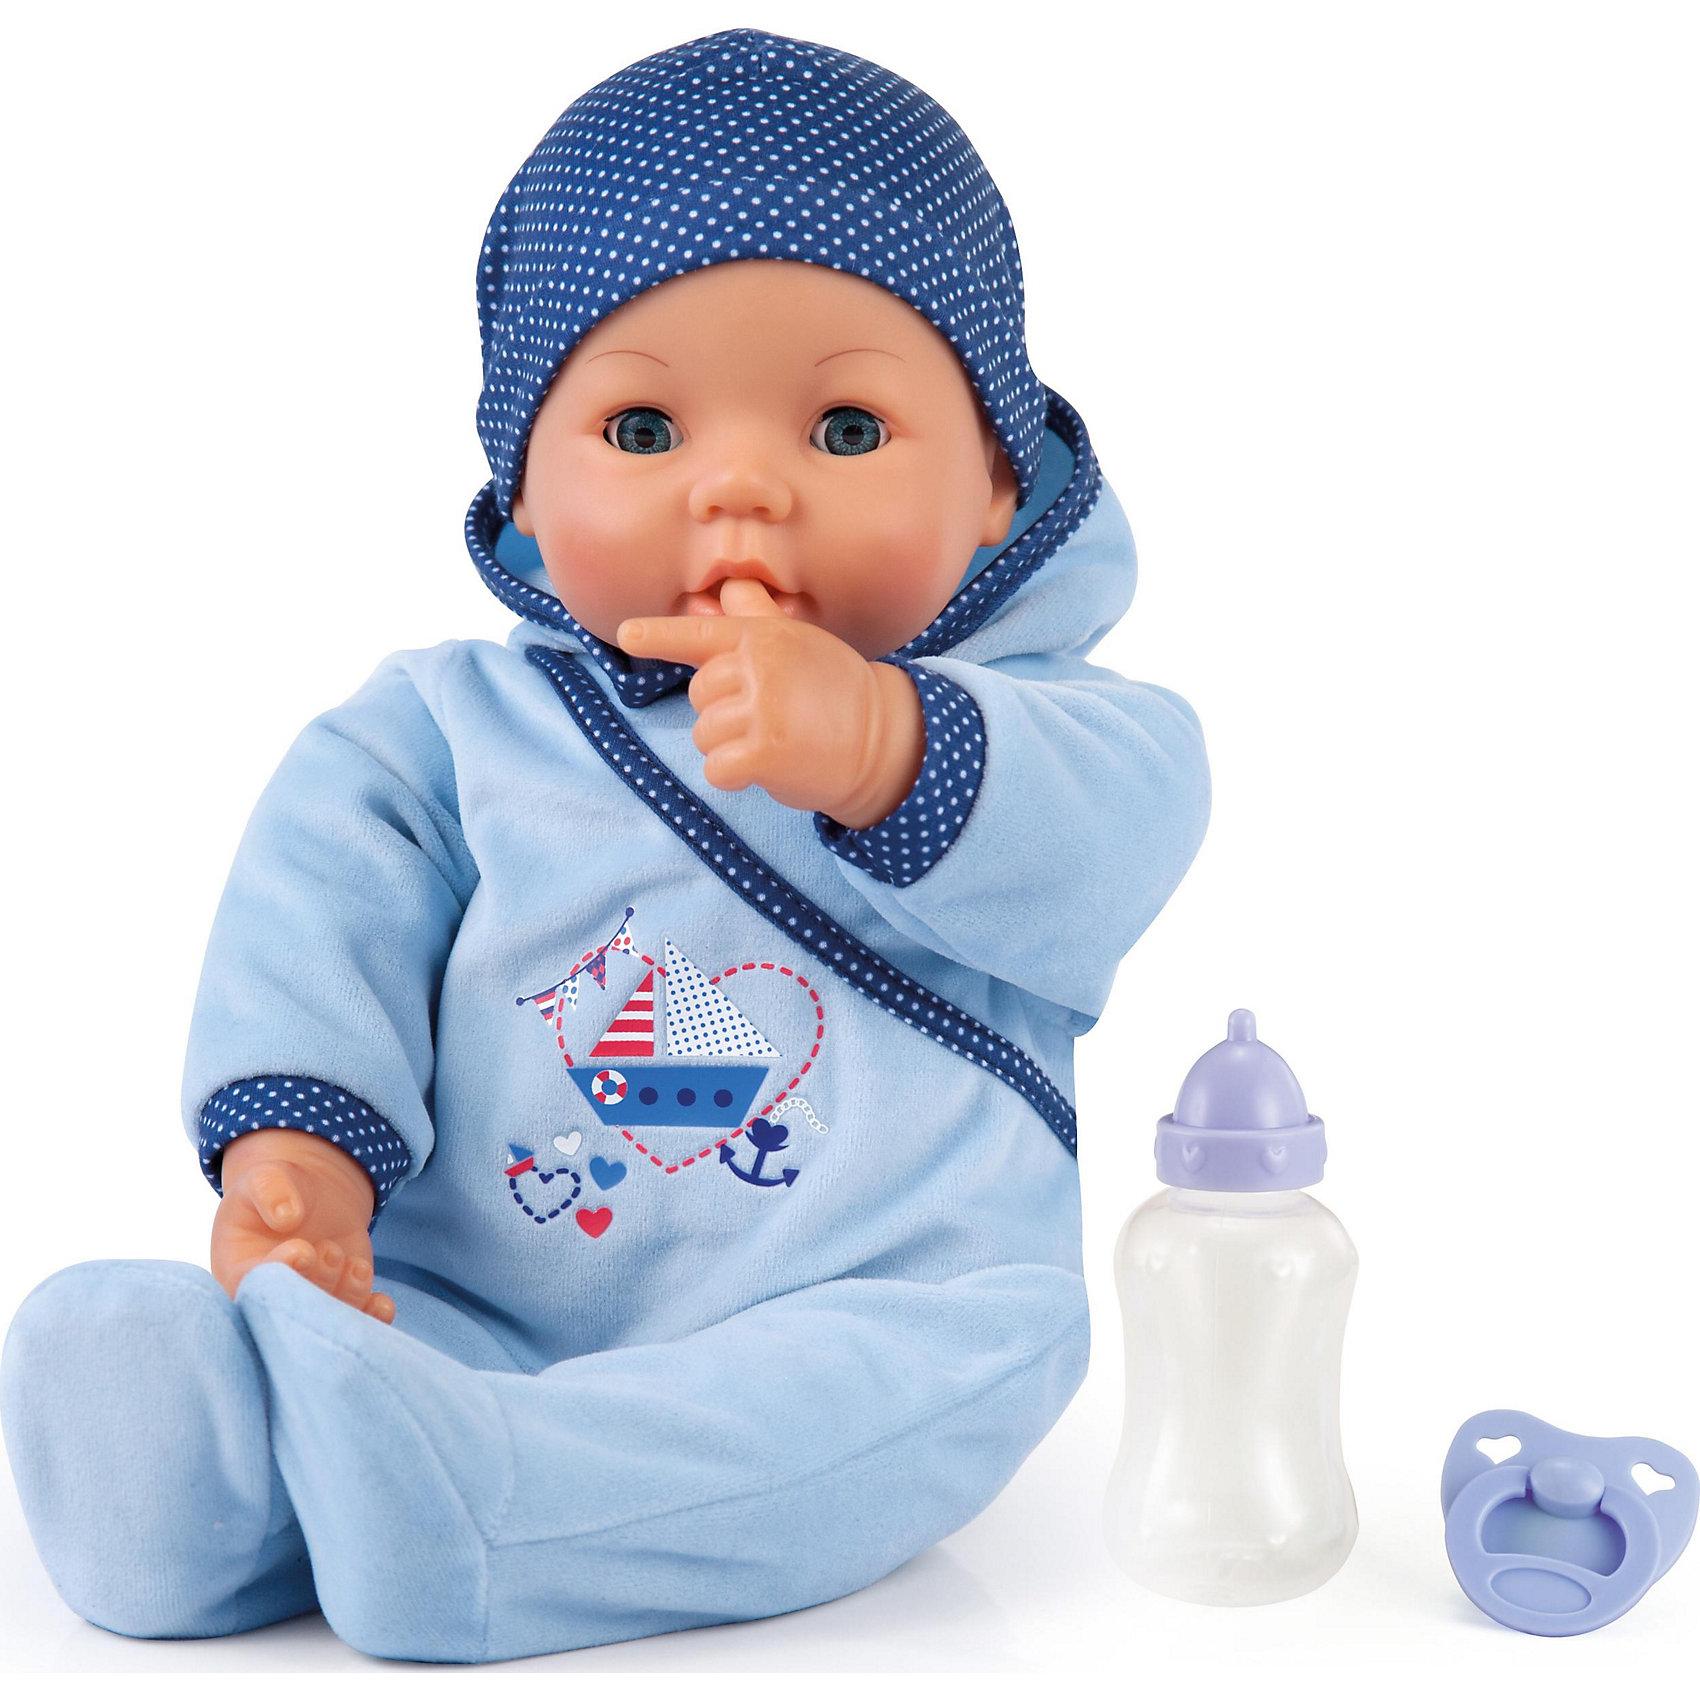 Кукла Привет малыш 46смКукла Привет малыш от Bayer(Байер) с радостью подружится с девочкой и поиграет с ней в дочки-матери. Такая куколка, несомненно, заслуживает внимания.<br><br>Особенности:<br>- глаза куклы закрываются и открываются<br>- по-настоящему двигает губами во время кормления из бутылочки<br>- весело смеется, если погладить ей животик<br>- спит с закрытыми глазками<br>- одета в уютный комбинезон и забавную шапочку<br><br>Дополнительная информация:<br>Материал: пластик, текстиль<br>Батарейки: входят в комплект<br>Высота: 46 см<br>Вес: 1300 грамм<br><br>Куклу Привет малыш от Bayer(Байер) можно купить в нашем интернет-магазине.<br><br>Ширина мм: 434<br>Глубина мм: 271<br>Высота мм: 177<br>Вес г: 1106<br>Возраст от месяцев: 36<br>Возраст до месяцев: 60<br>Пол: Женский<br>Возраст: Детский<br>SKU: 4286200